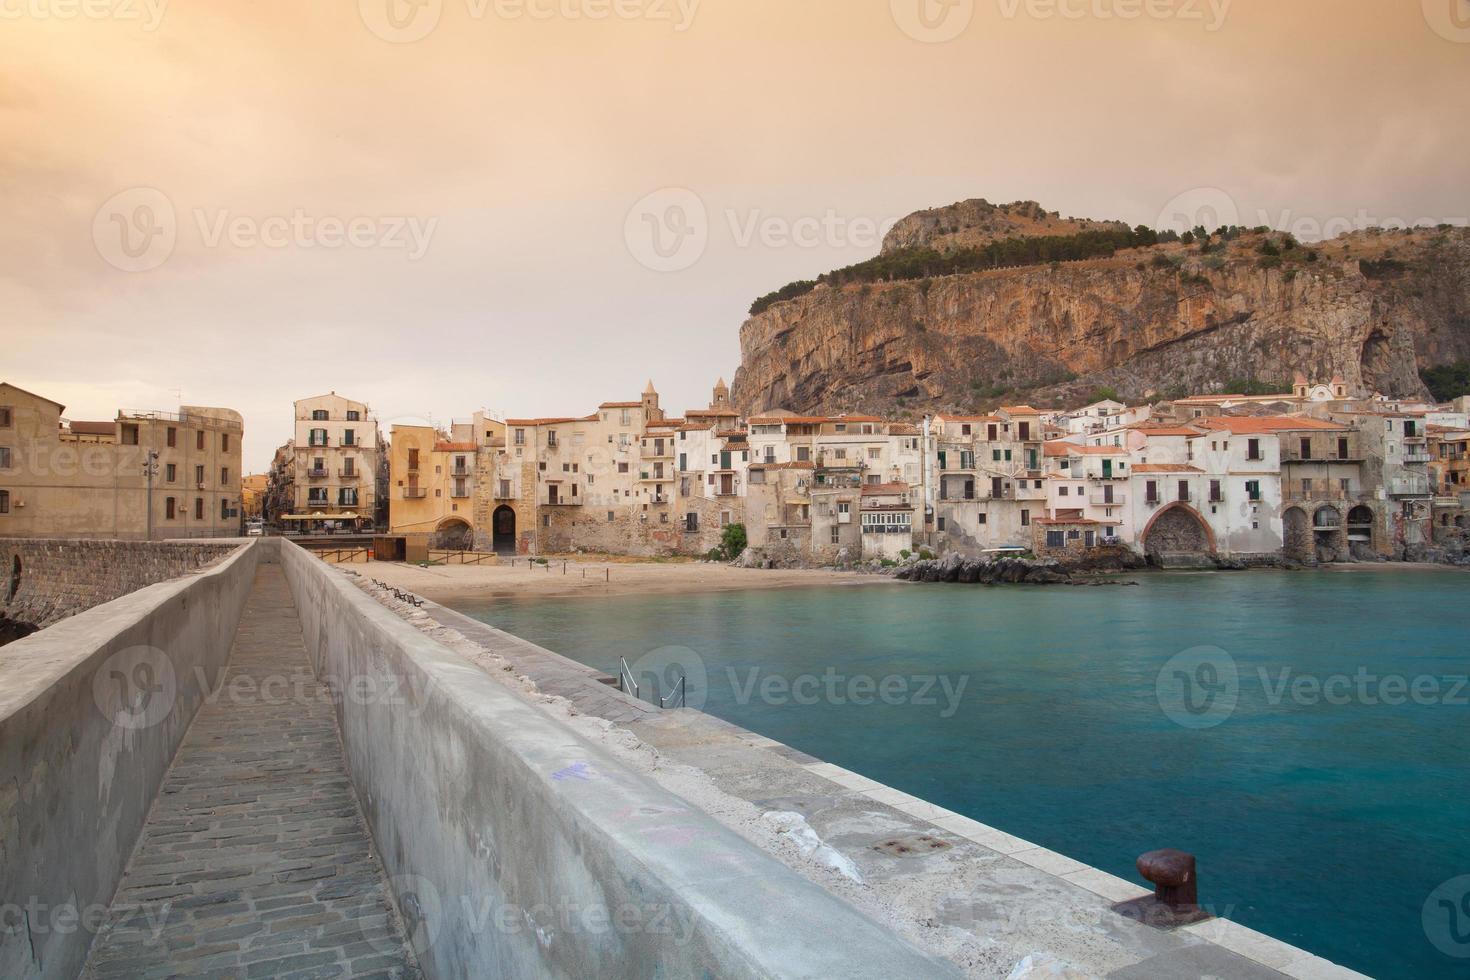 amanecer en cefalã¹, sicilia, italia. foto